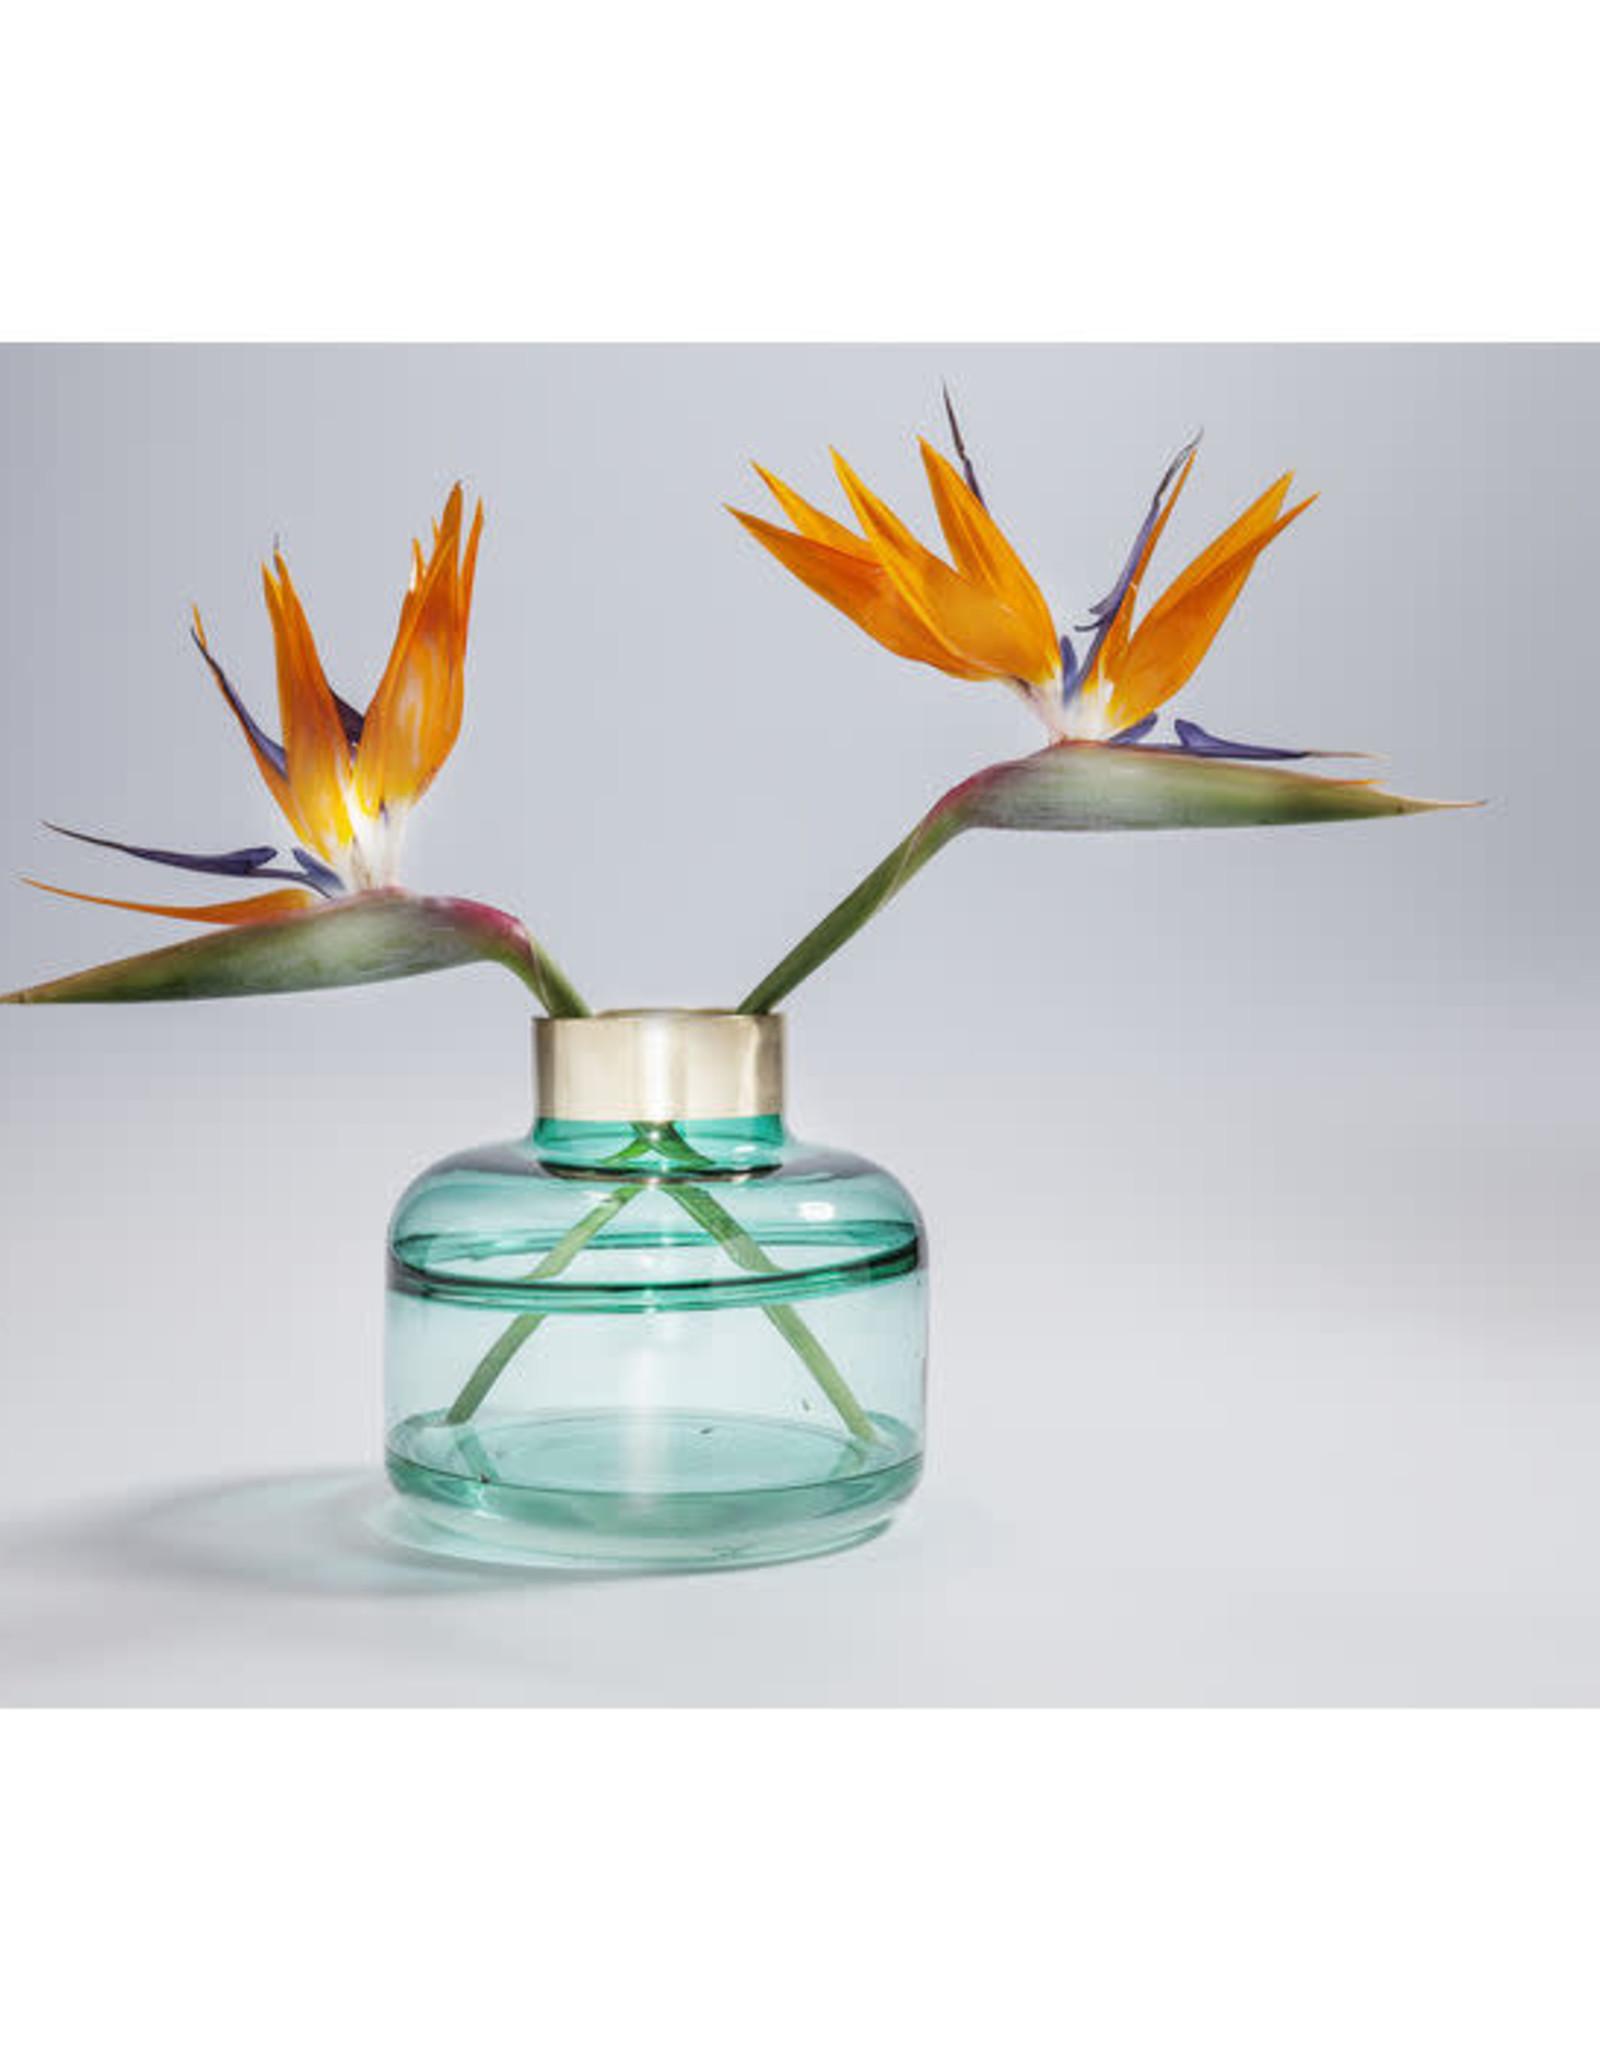 KARE DESIGN Vase Positano Belly Green 21 cm